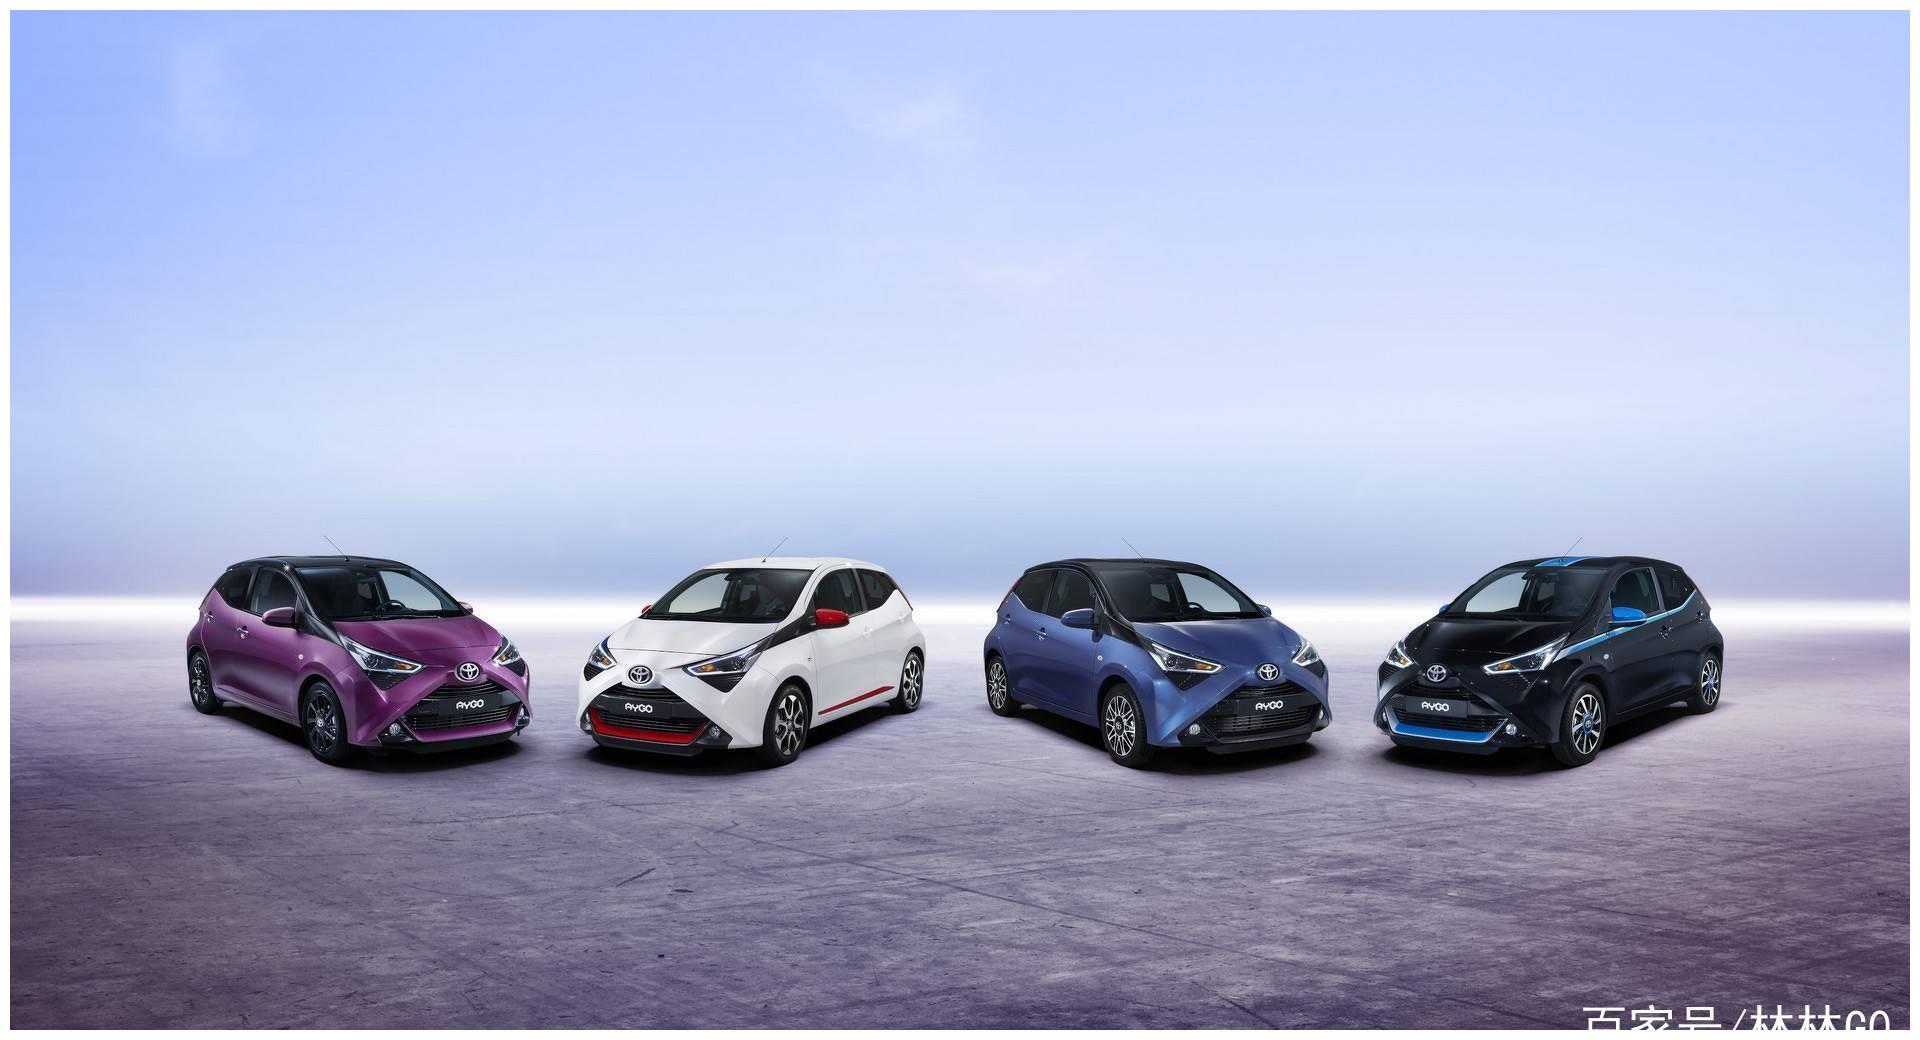 丰田Aygo西班牙市场开售 起售价格为14,750欧元